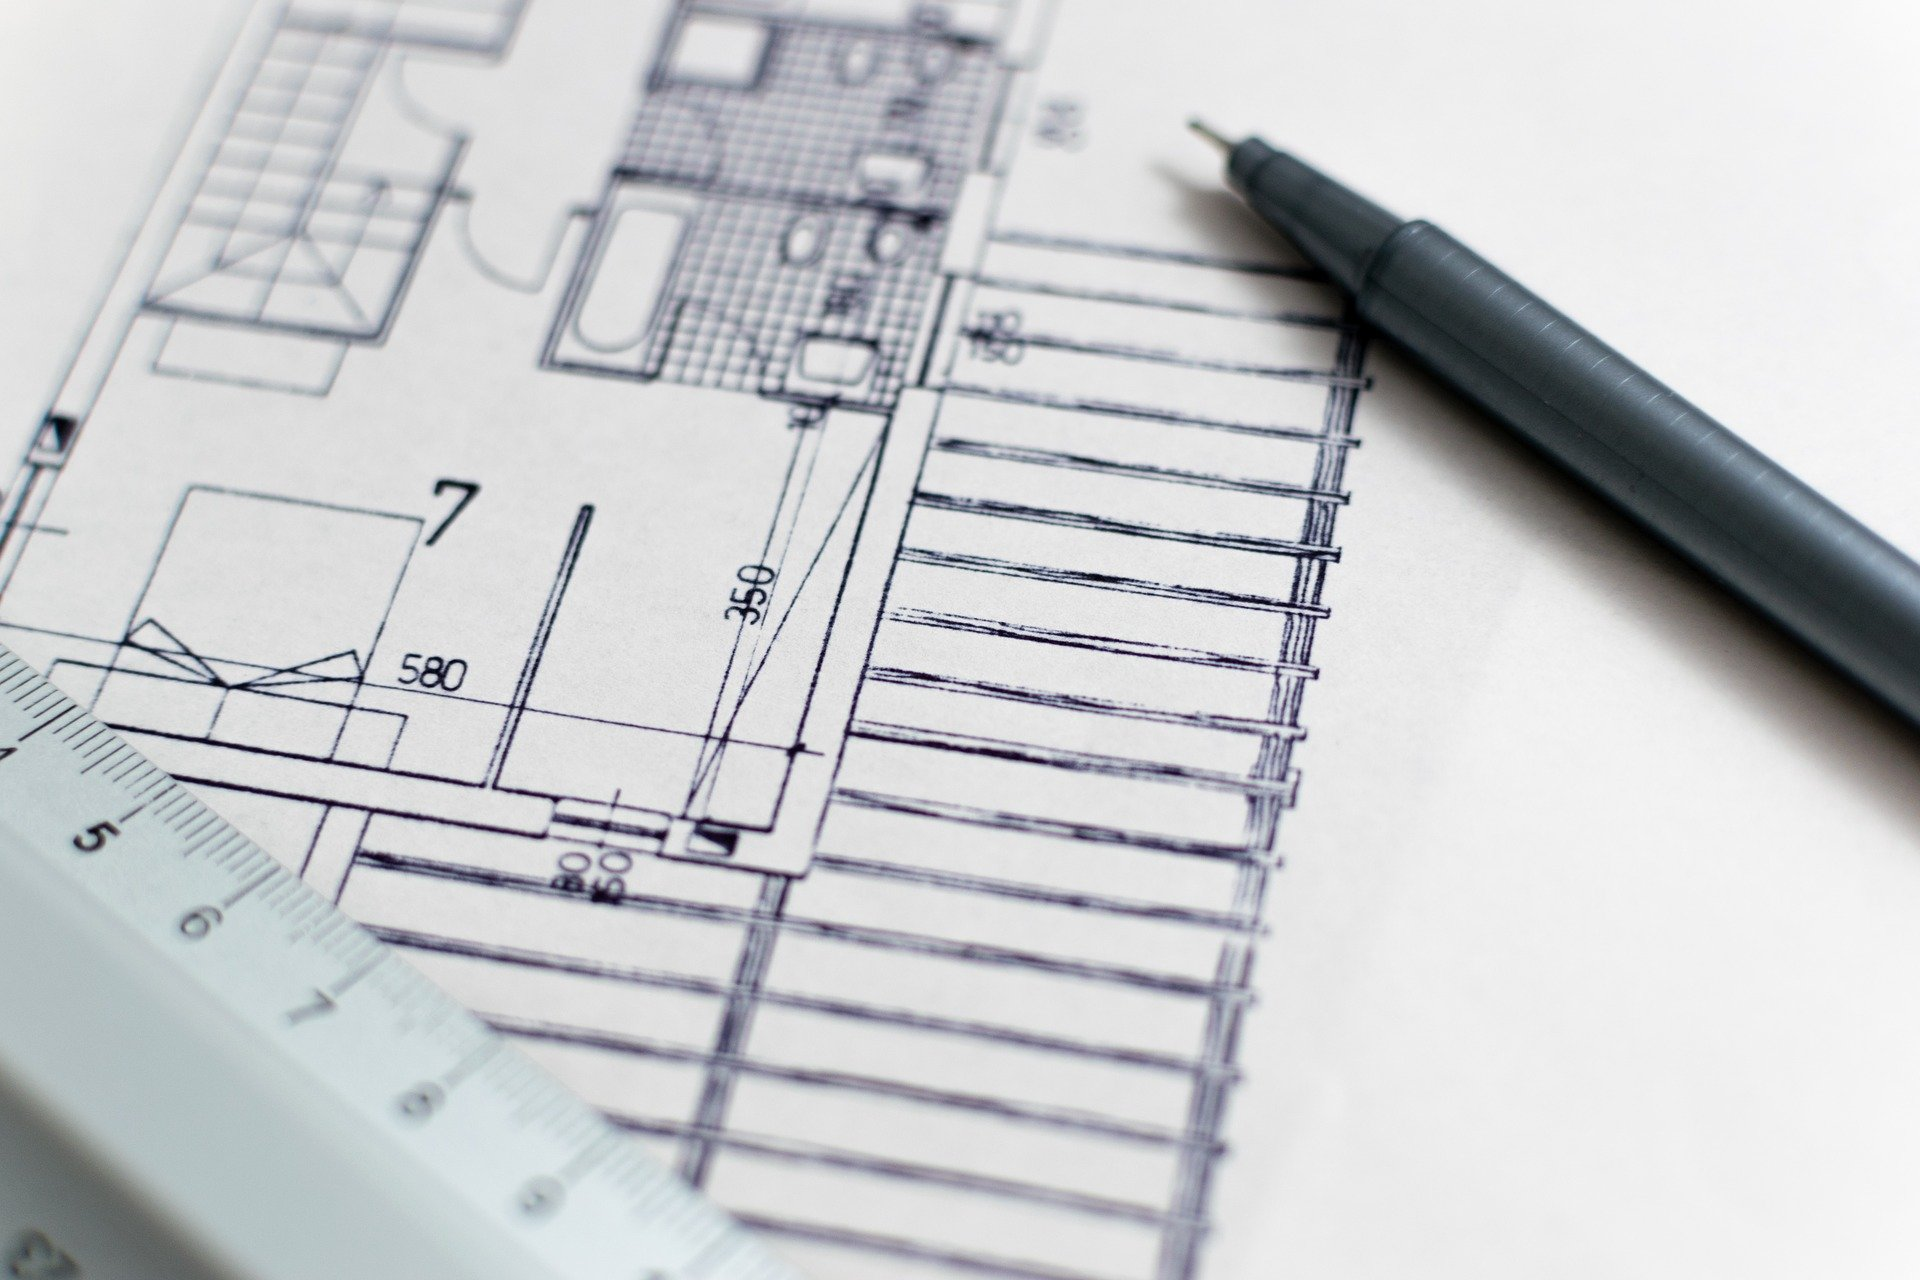 Et vous, quelle serait votre maison idéale ?